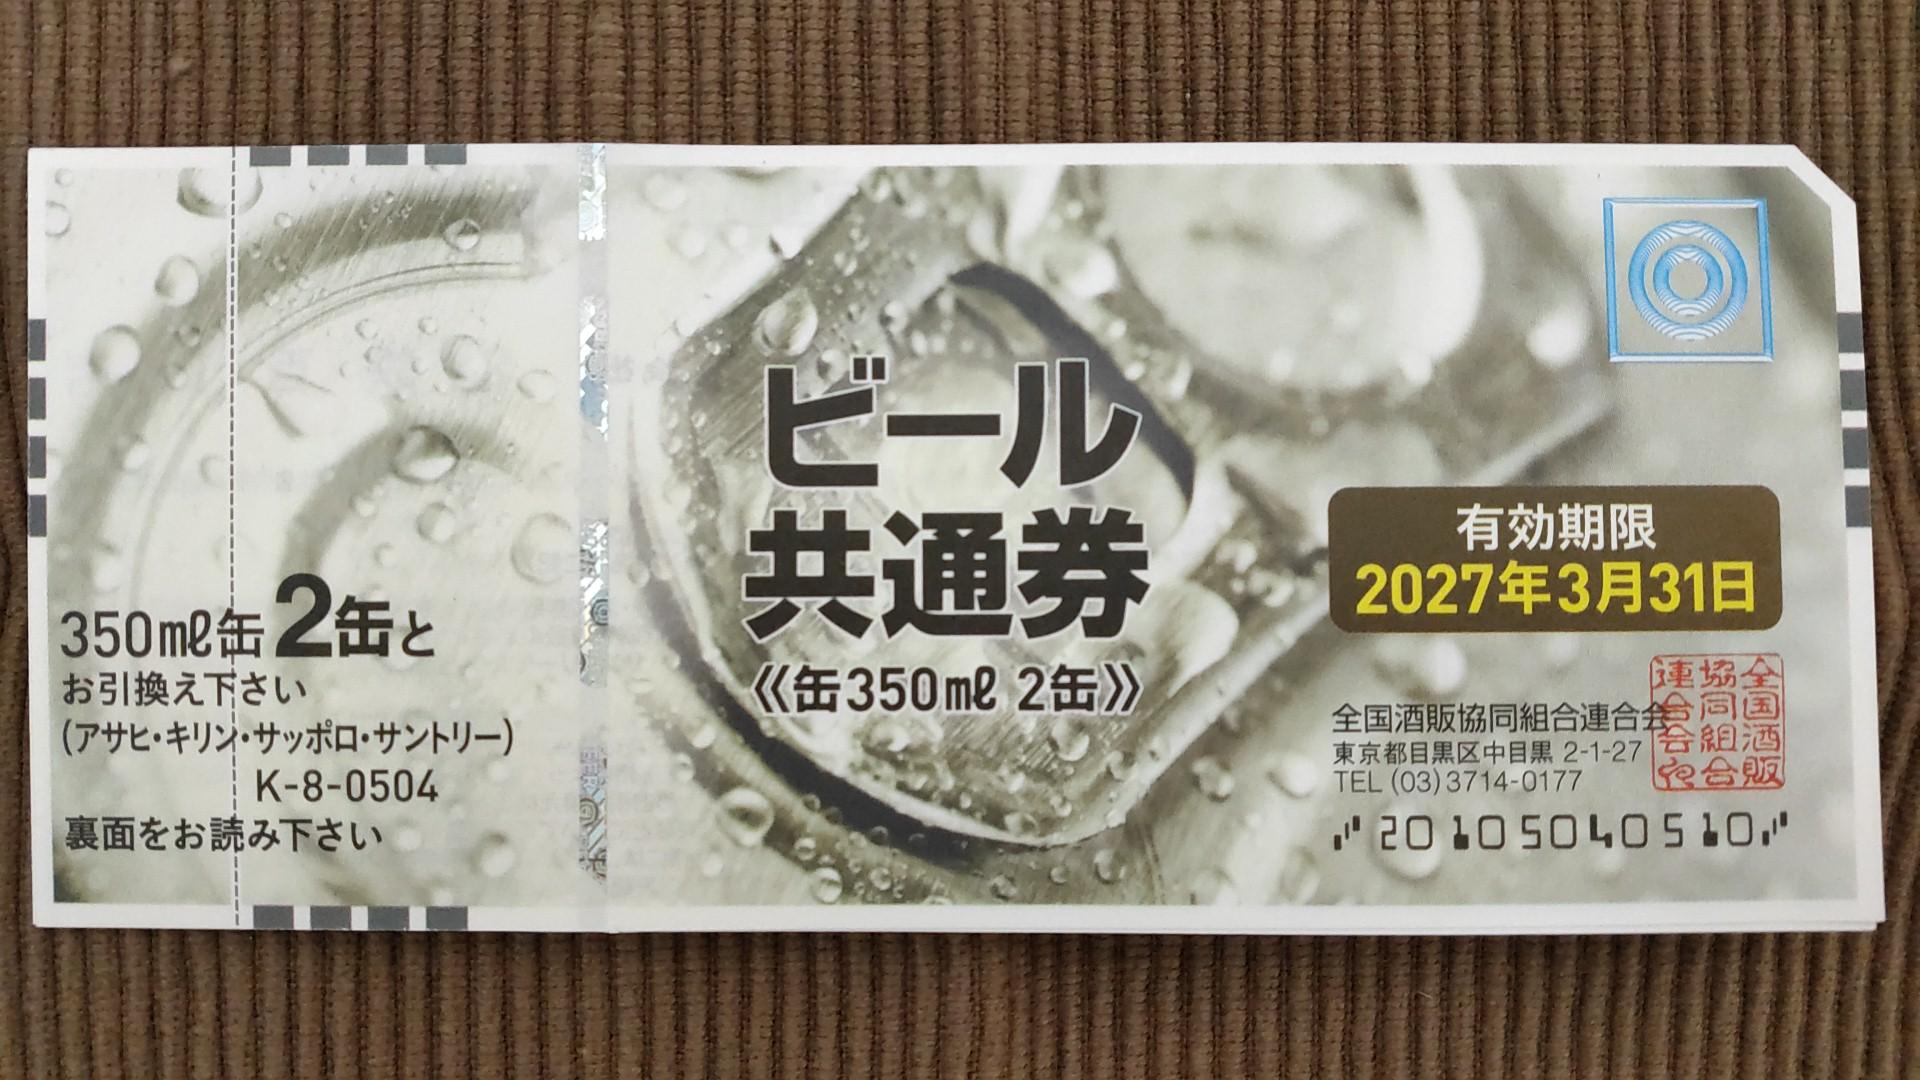 缶ビール券(350ml 2缶)